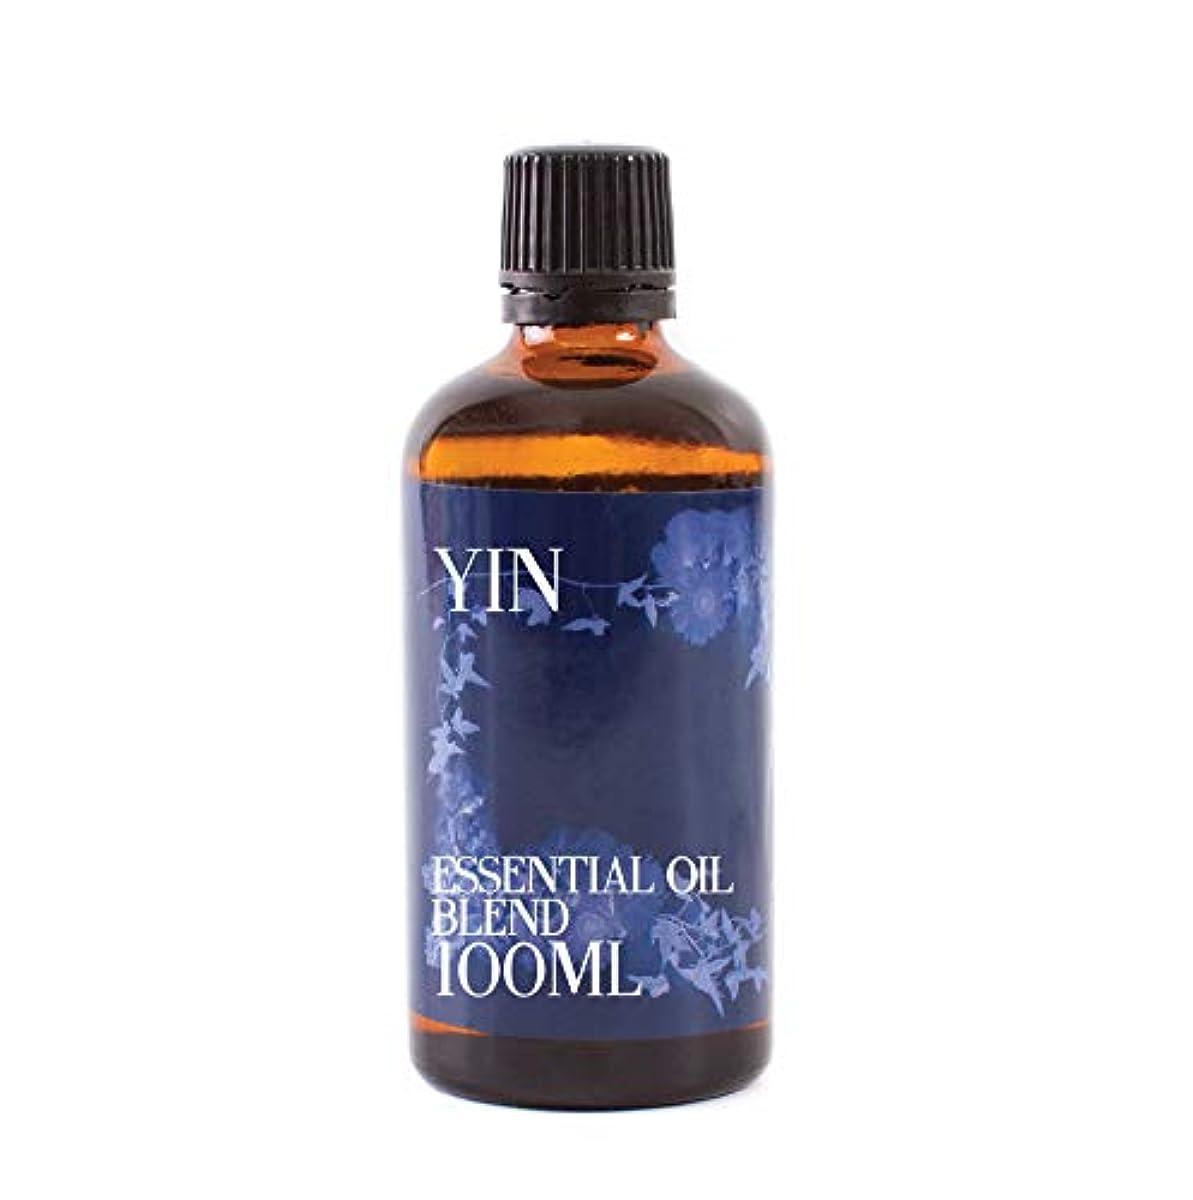 締め切り挨拶する忘れっぽいMystix London | Yin Essential Oil Blend - 100ml